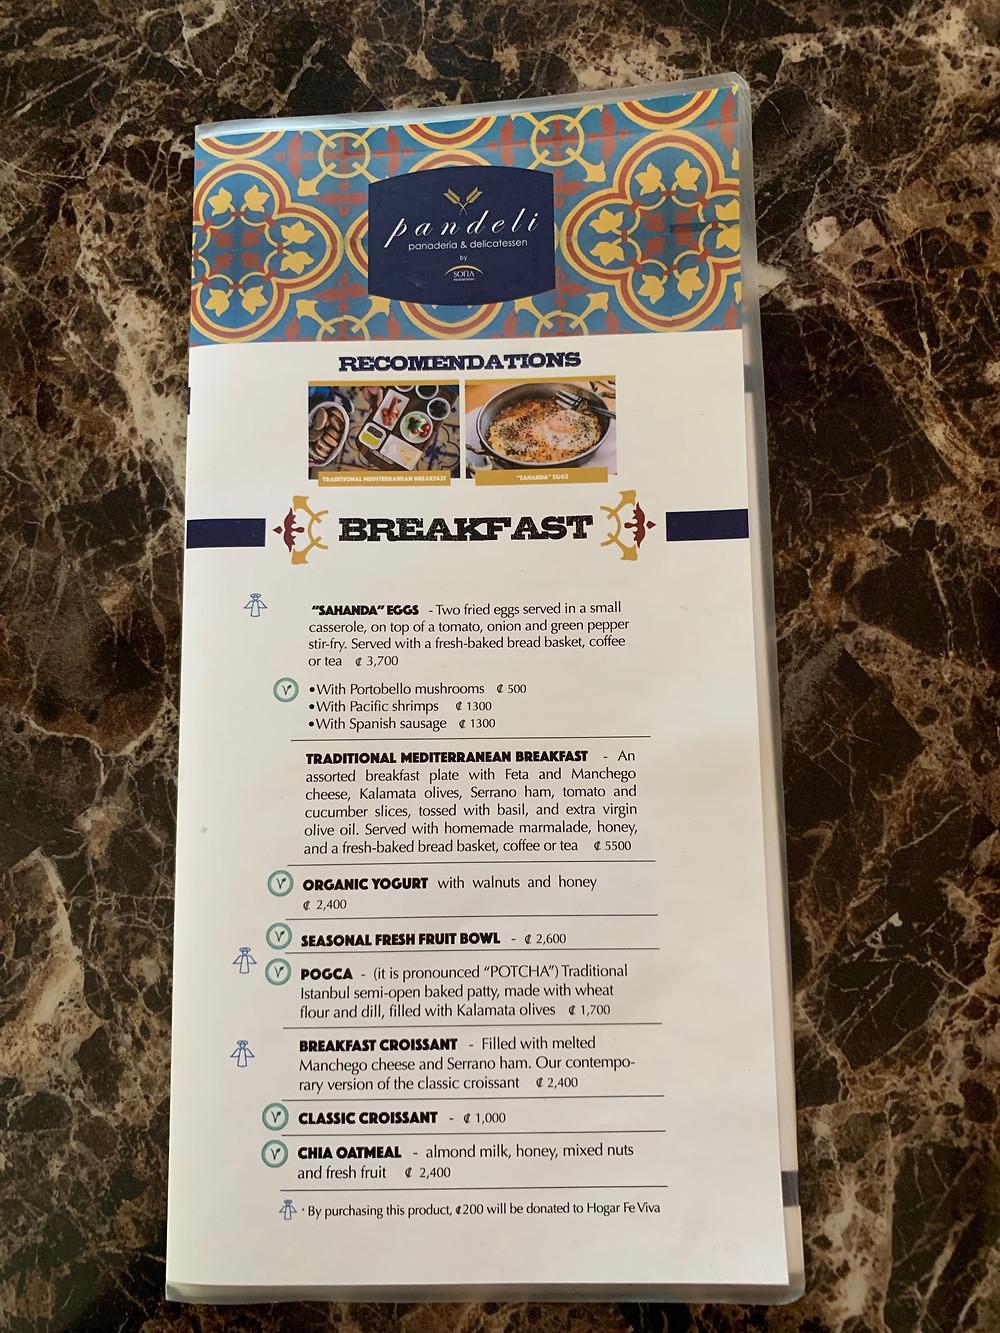 Pandeli Kafe'nin menüsünde Türk kahvaltısı